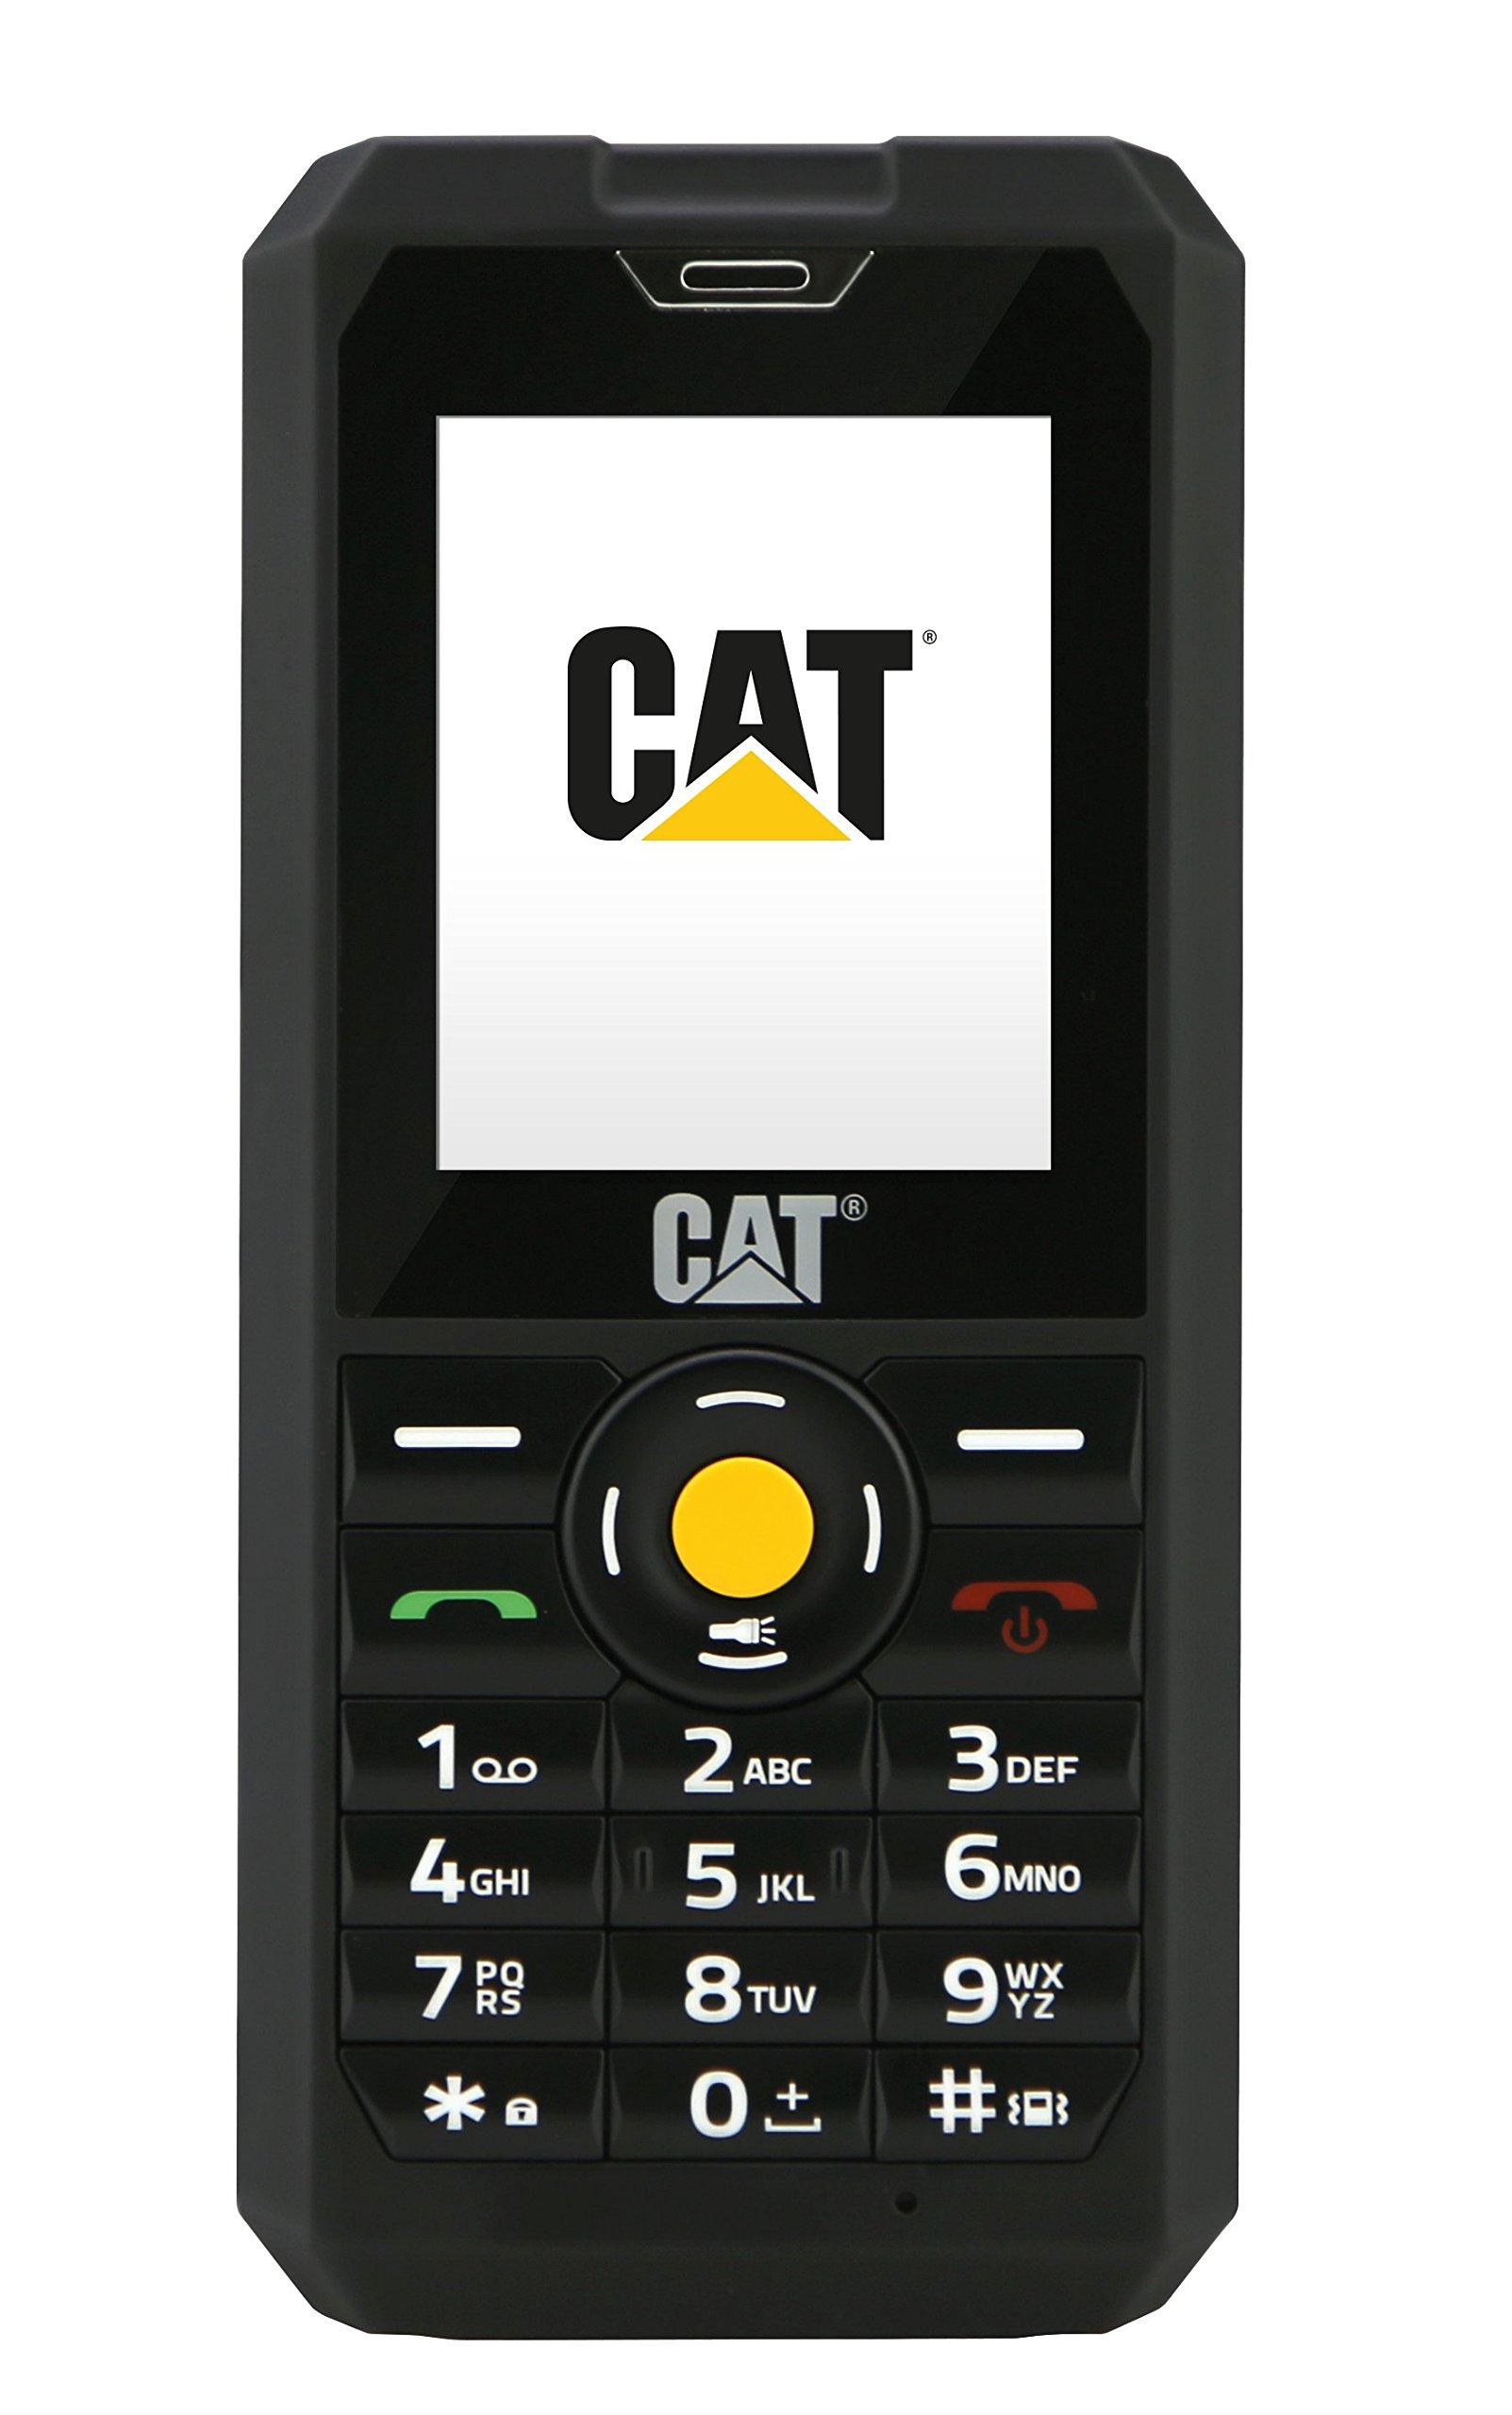 CAT PHONES B30 Rugged Dual-SIM Mobile Phone (128MP, 2 Inch Display, 2MP Camera, 1000mAh Battery, SIM Free, Dust and Waterproof)